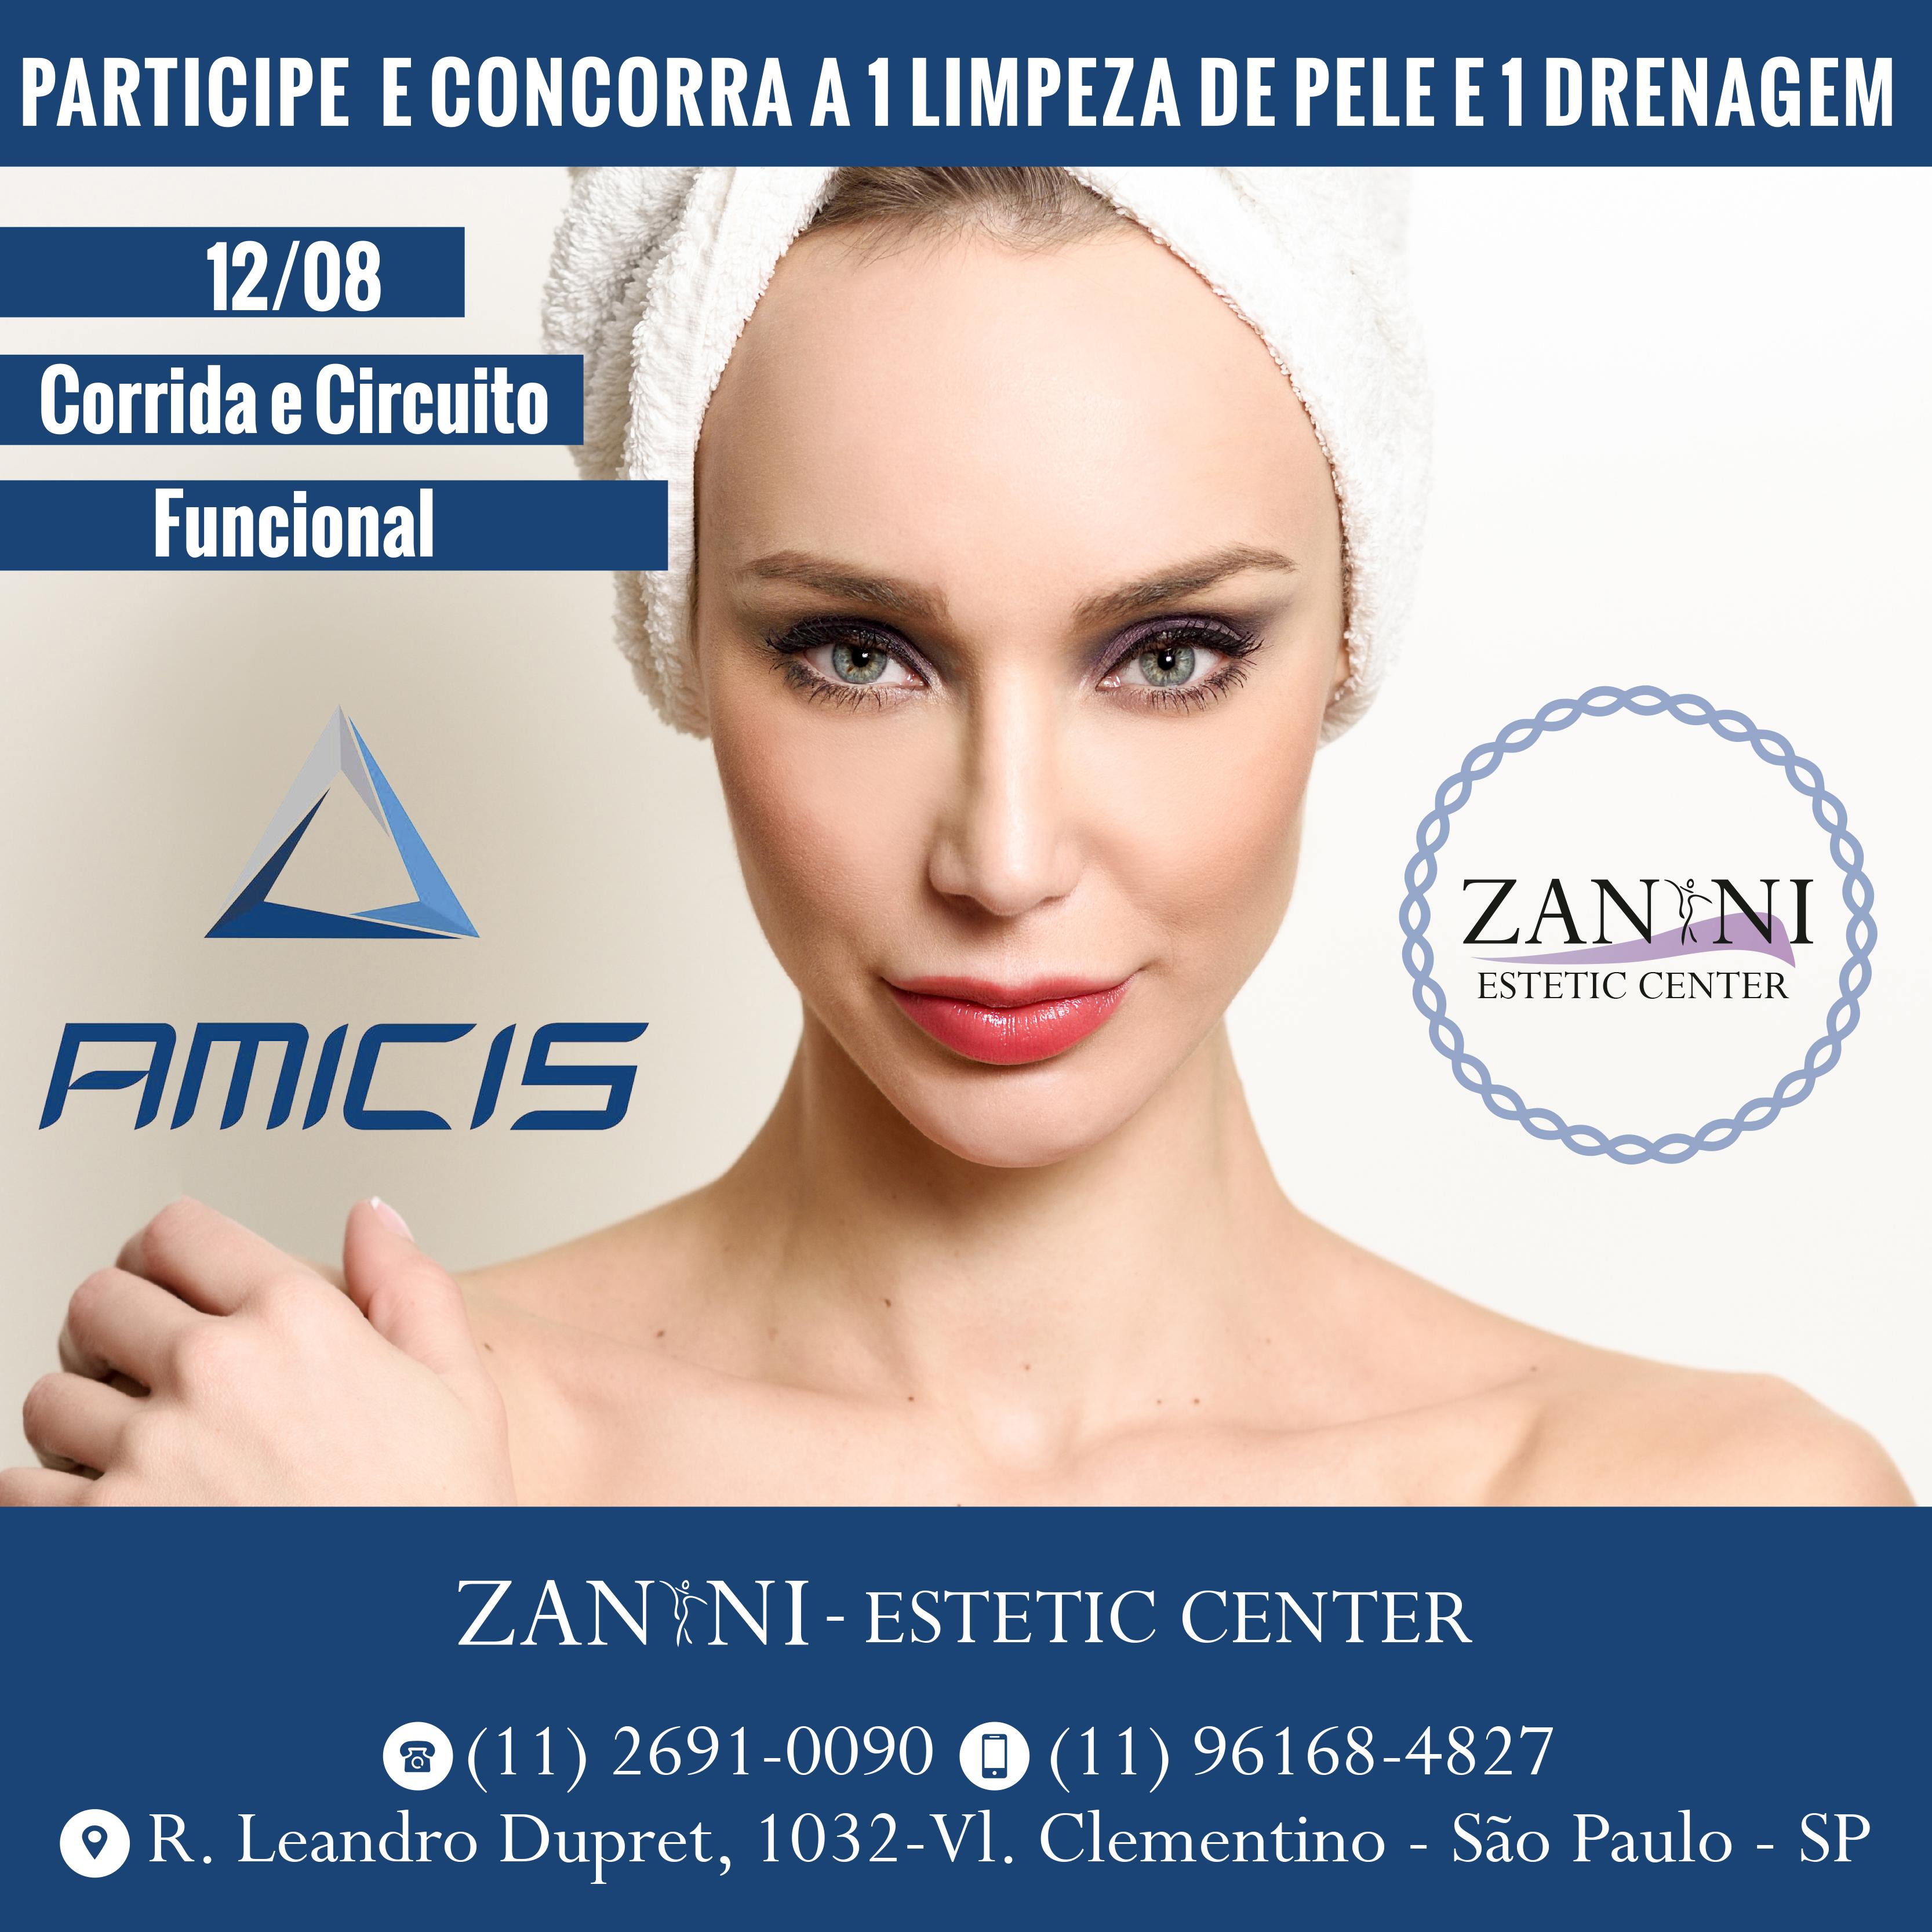 Zanini_Publicação_parceria_Amicis_Training2.jpg